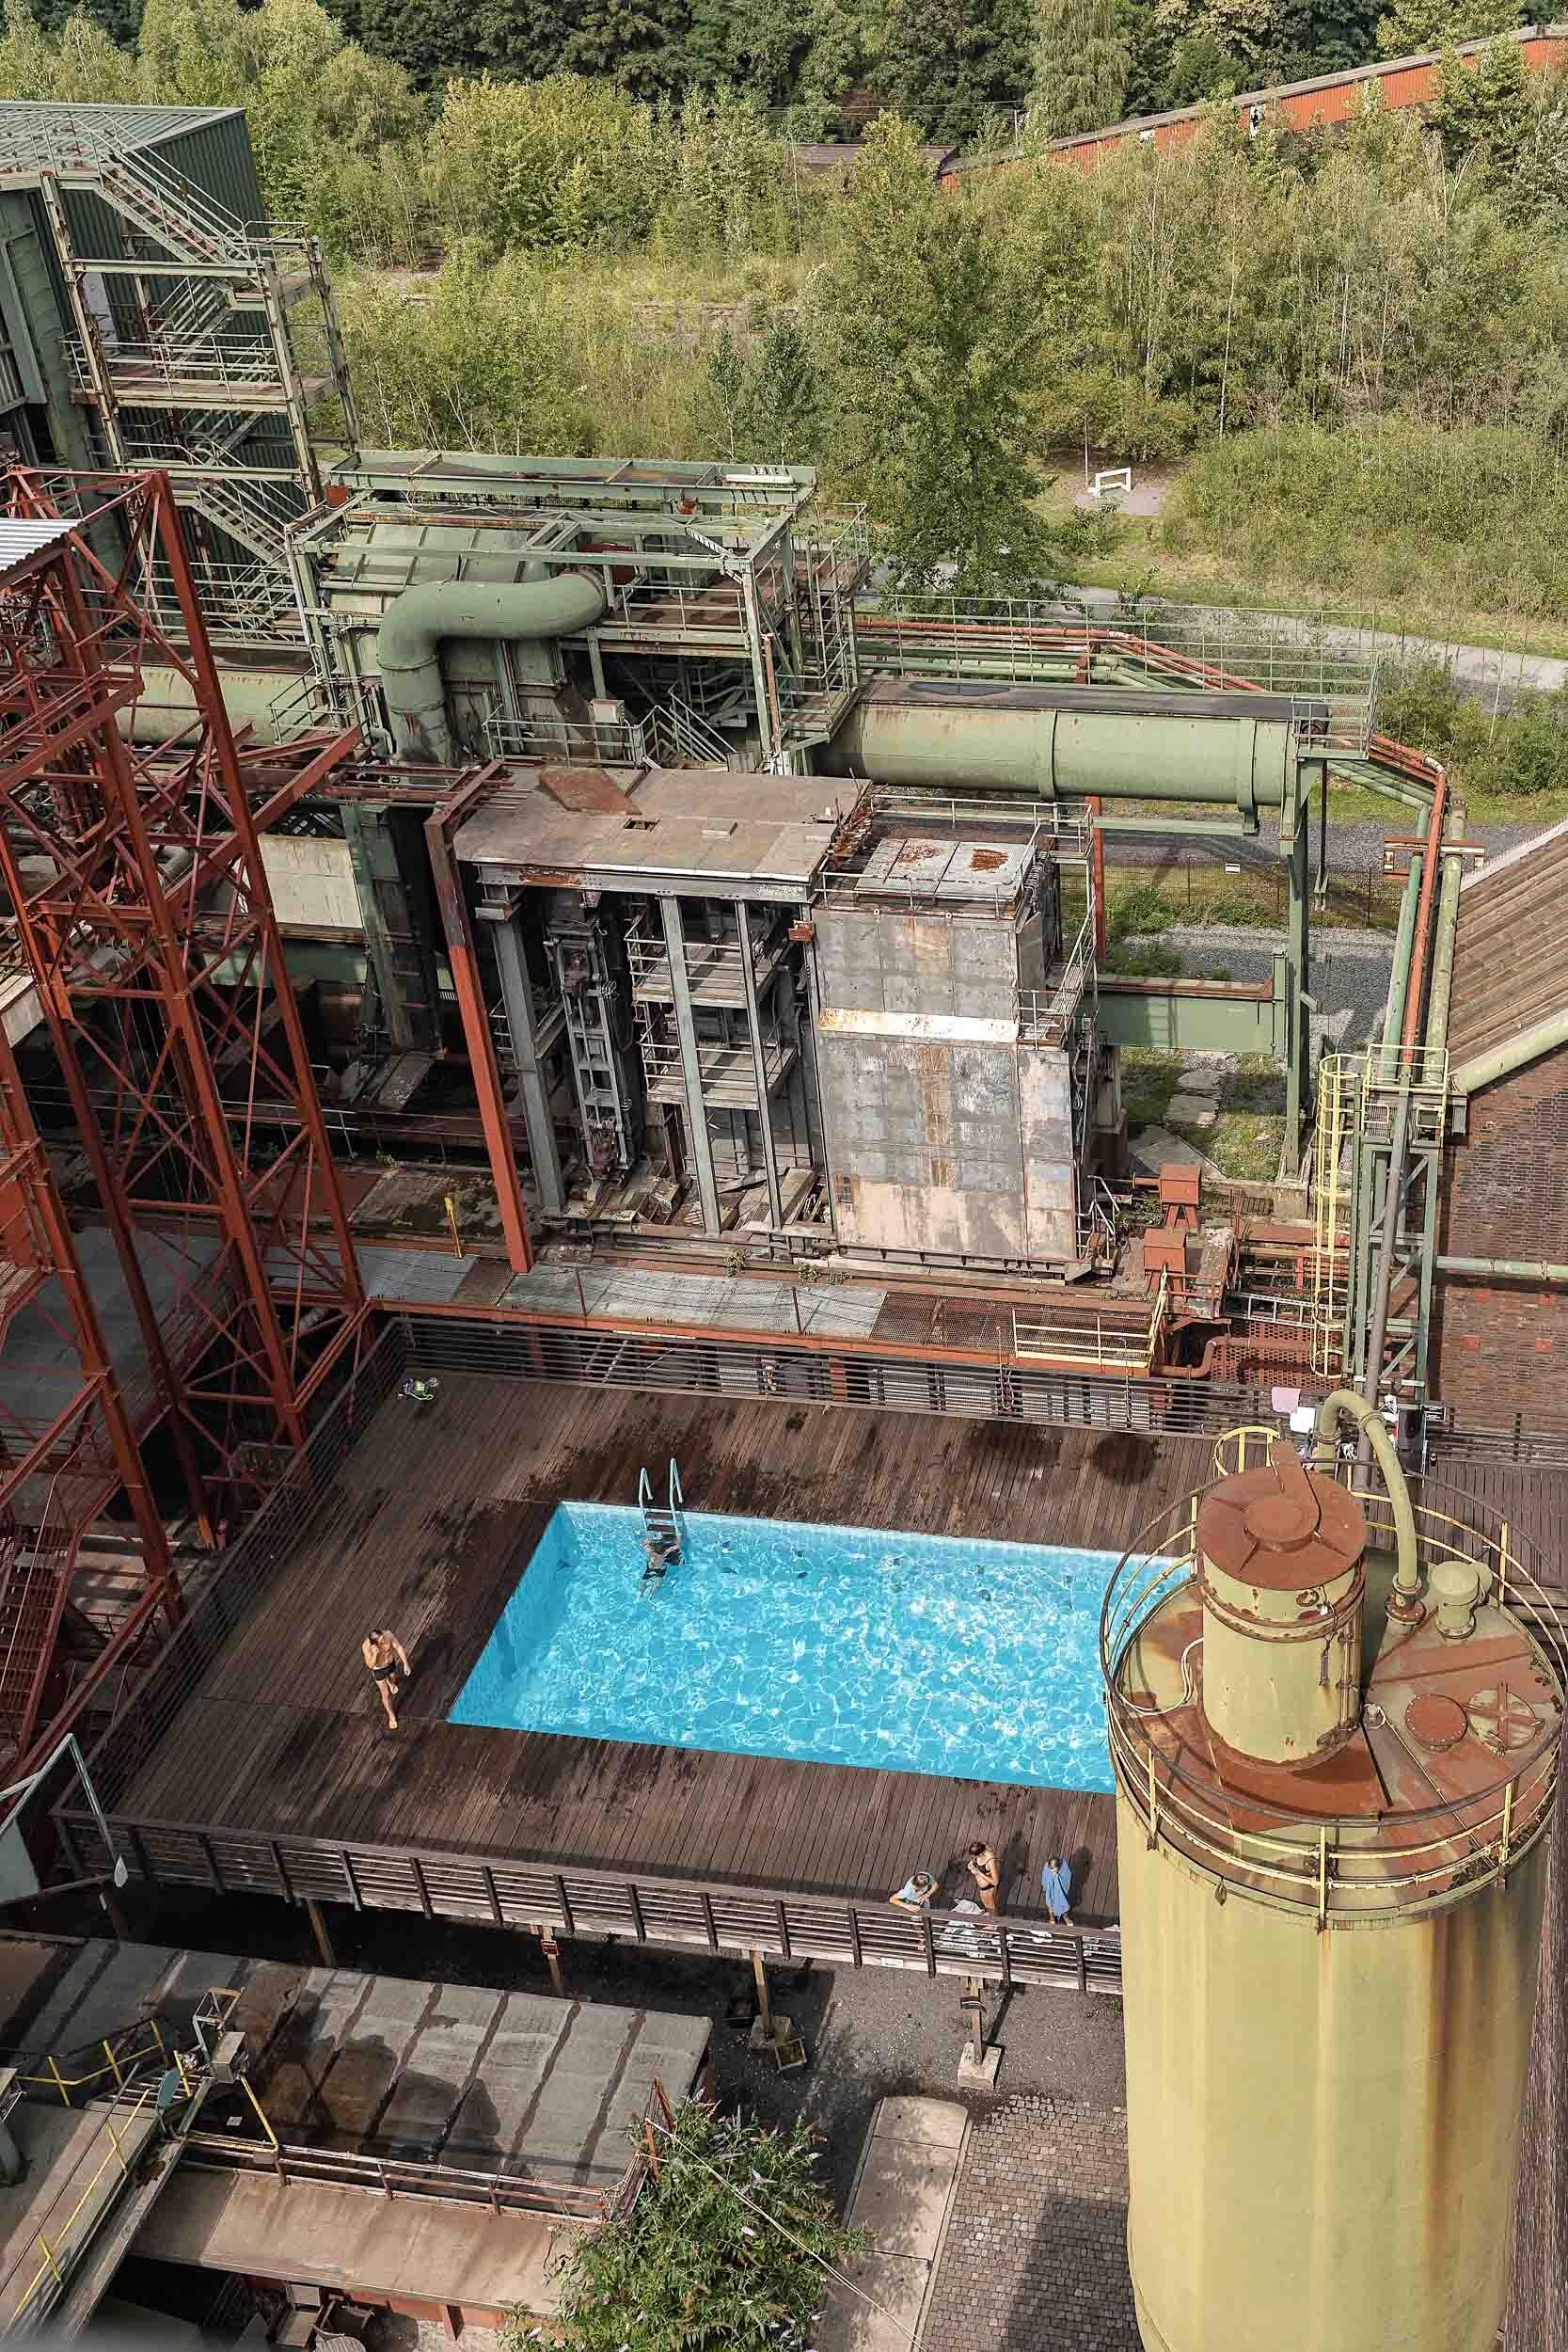 ckanani-german-industrial-region-ruhr-190.jpg